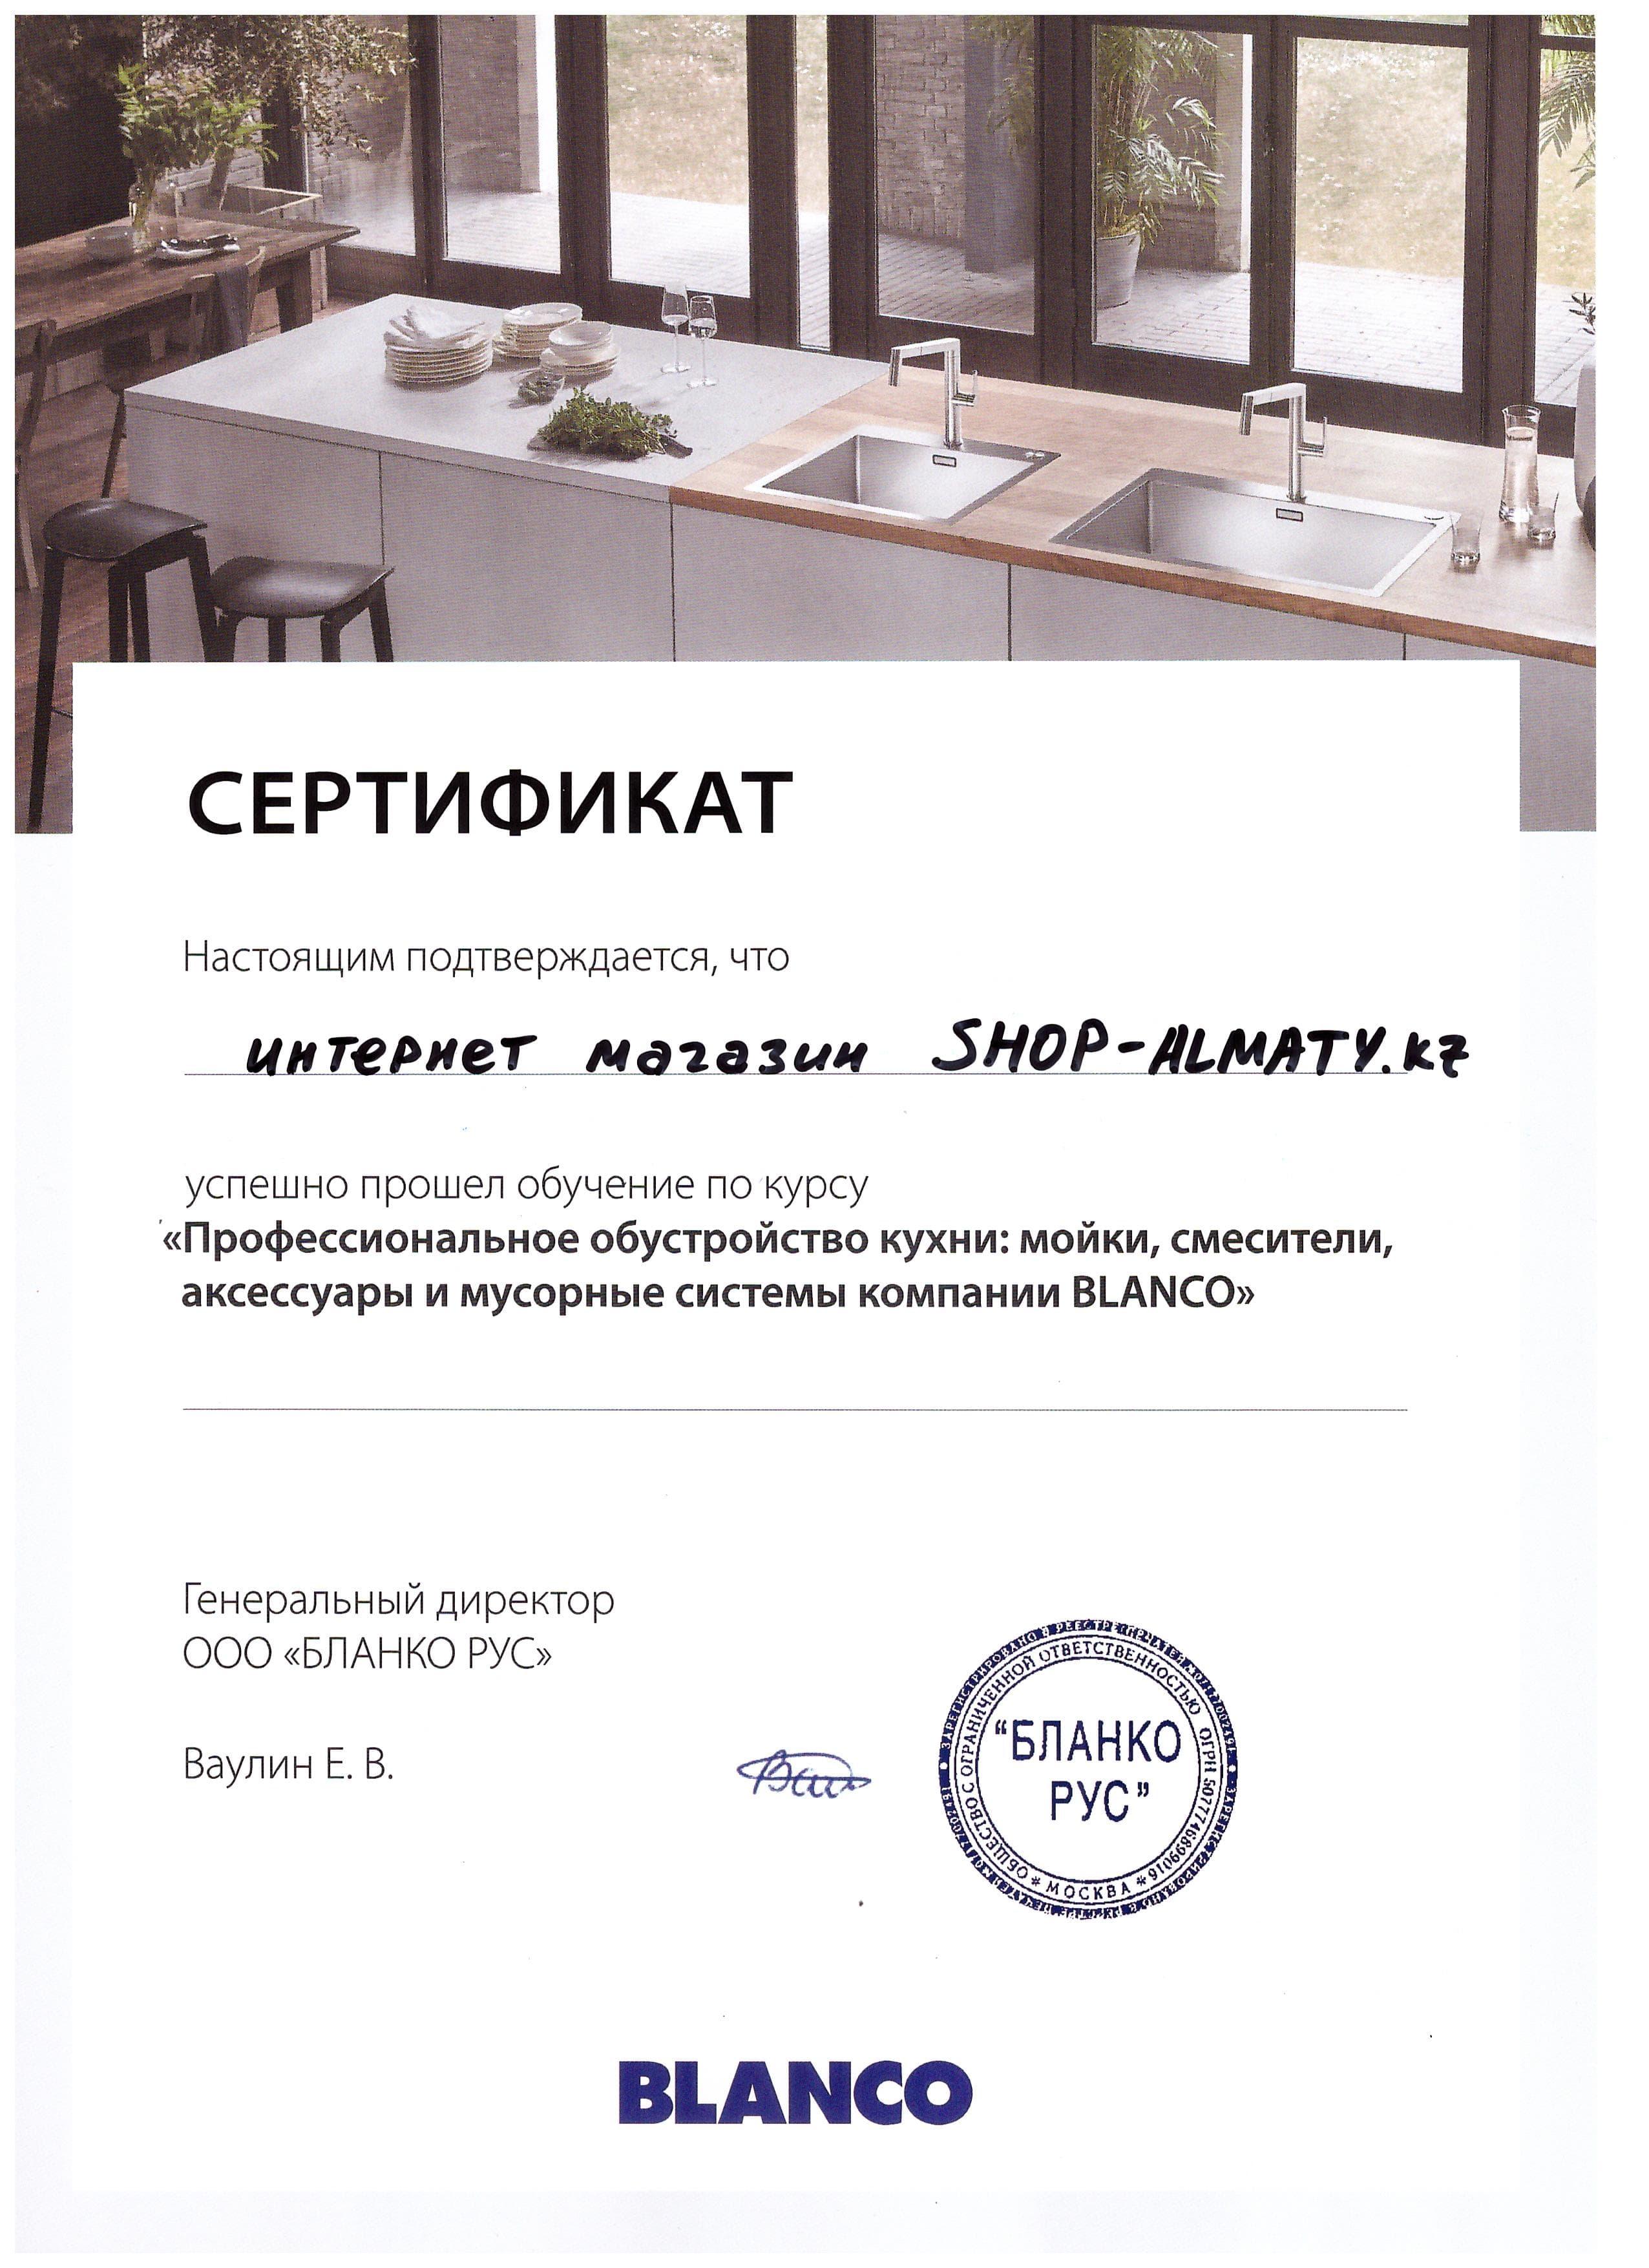 Сертификат BLANCO